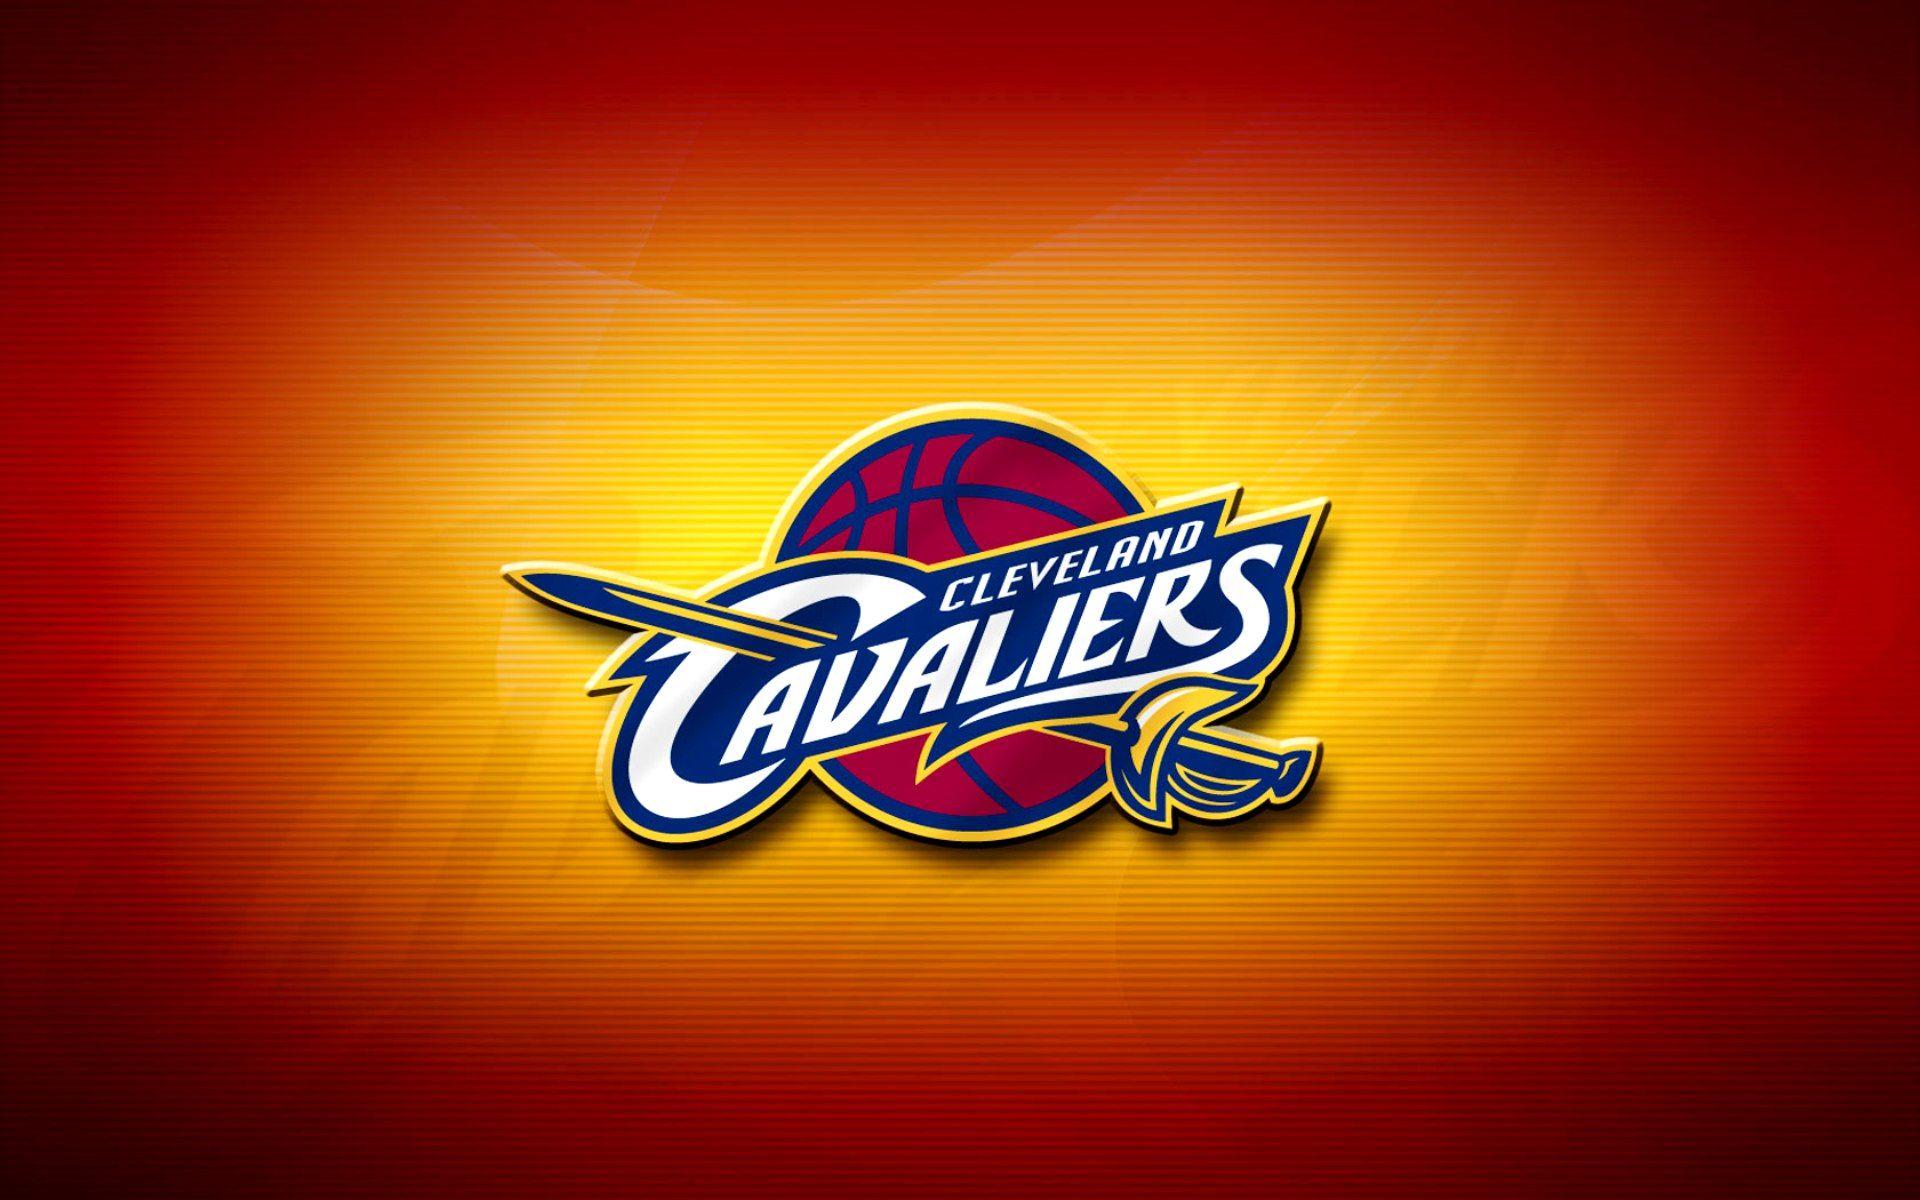 Nba basketball logos 2014